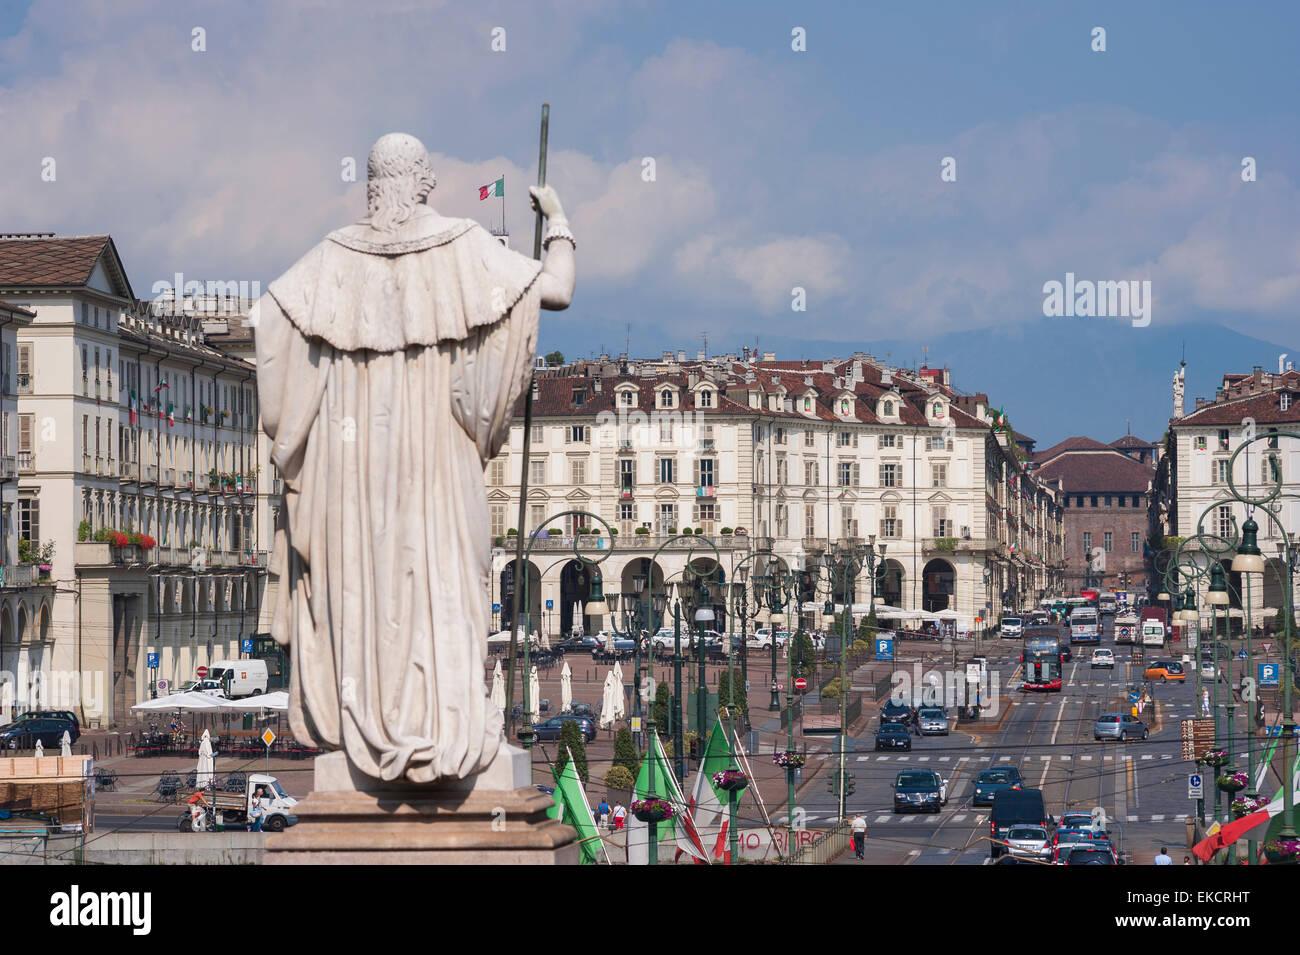 Turin Piazza Vittorio Veneto, rear view of statue of Vittorio Emanuele II facing the Piazza Vittorio Veneto in the - Stock Image